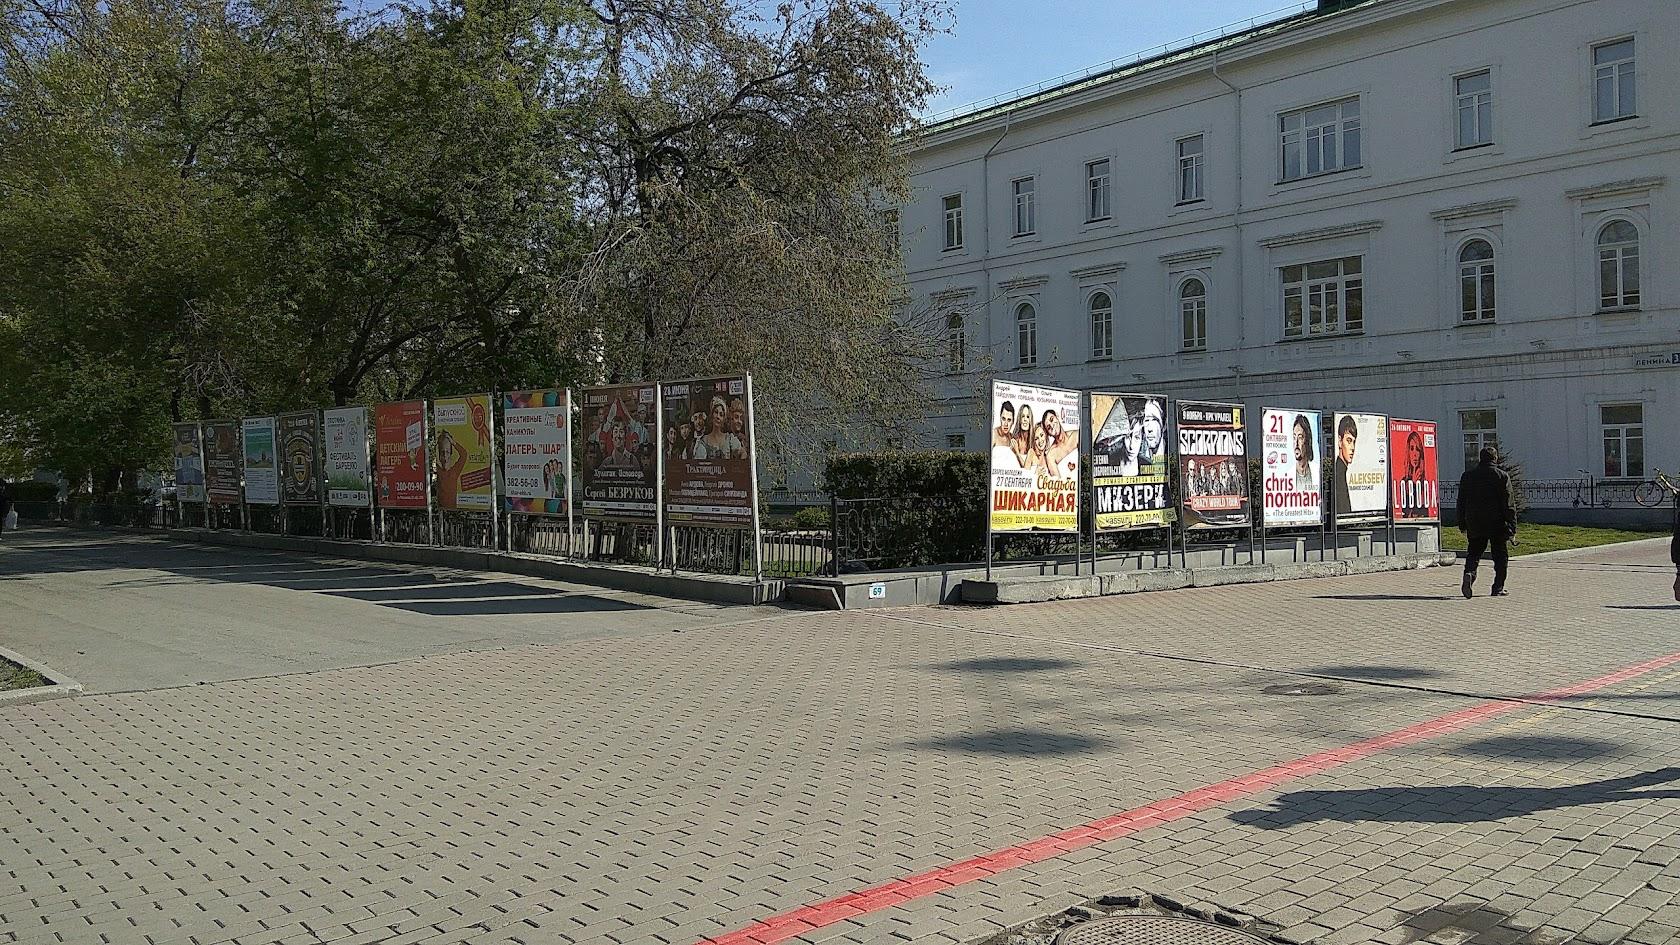 Это угол центральной площади. За рекламой вы видите 9-ю гимназию, а по диагонали через перекрёсток расположено здание мэрии